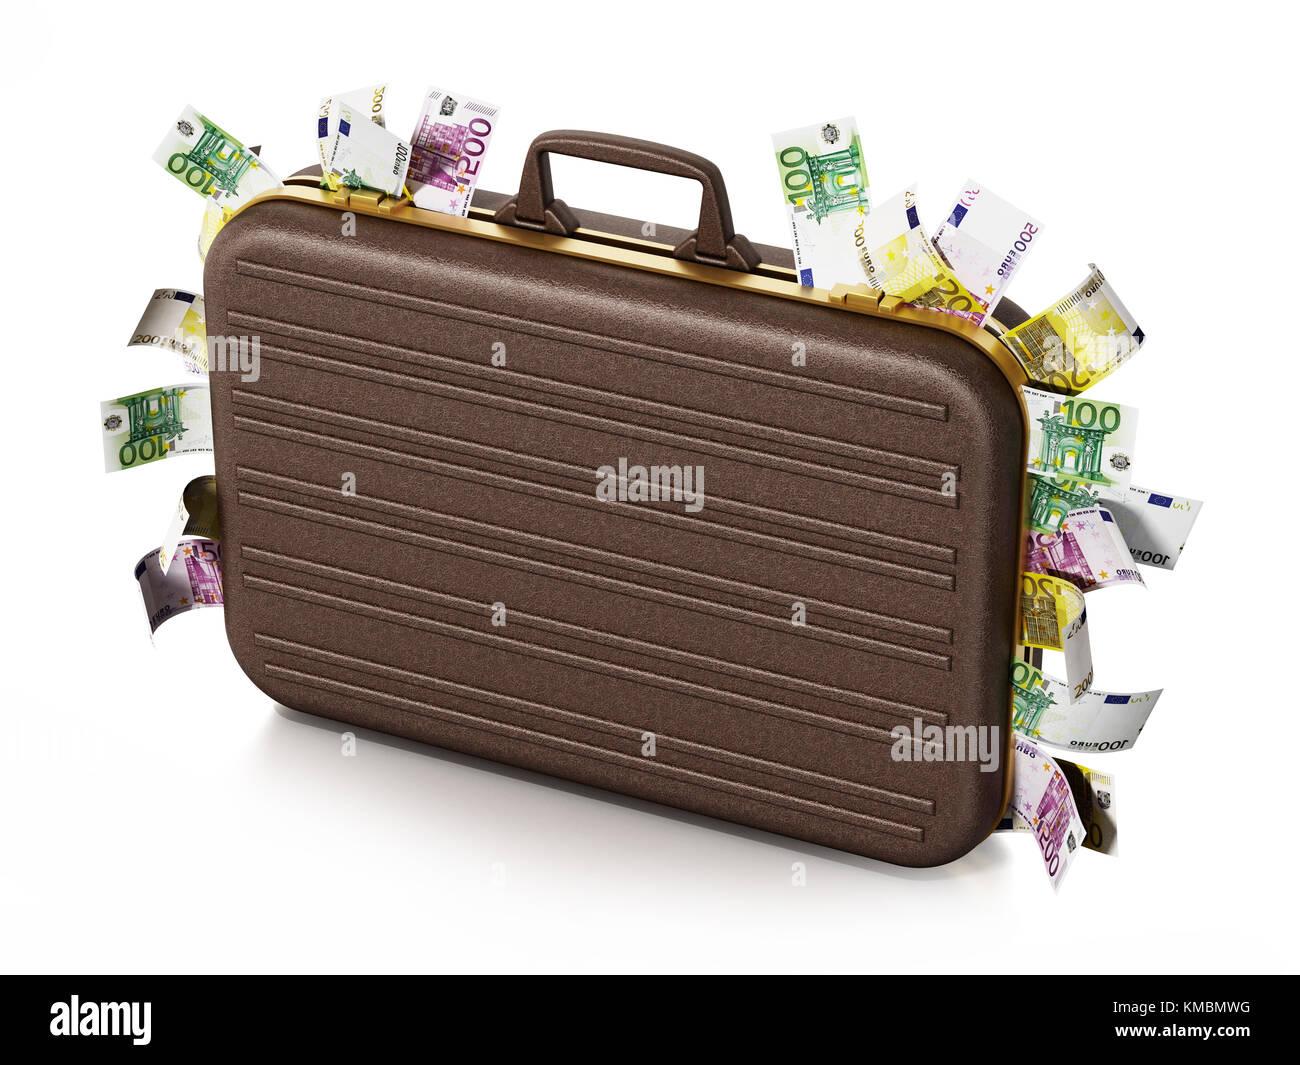 Pali in euro all'interno della valigetta isolati su sfondo bianco. 3d'illustrazione. Immagini Stock